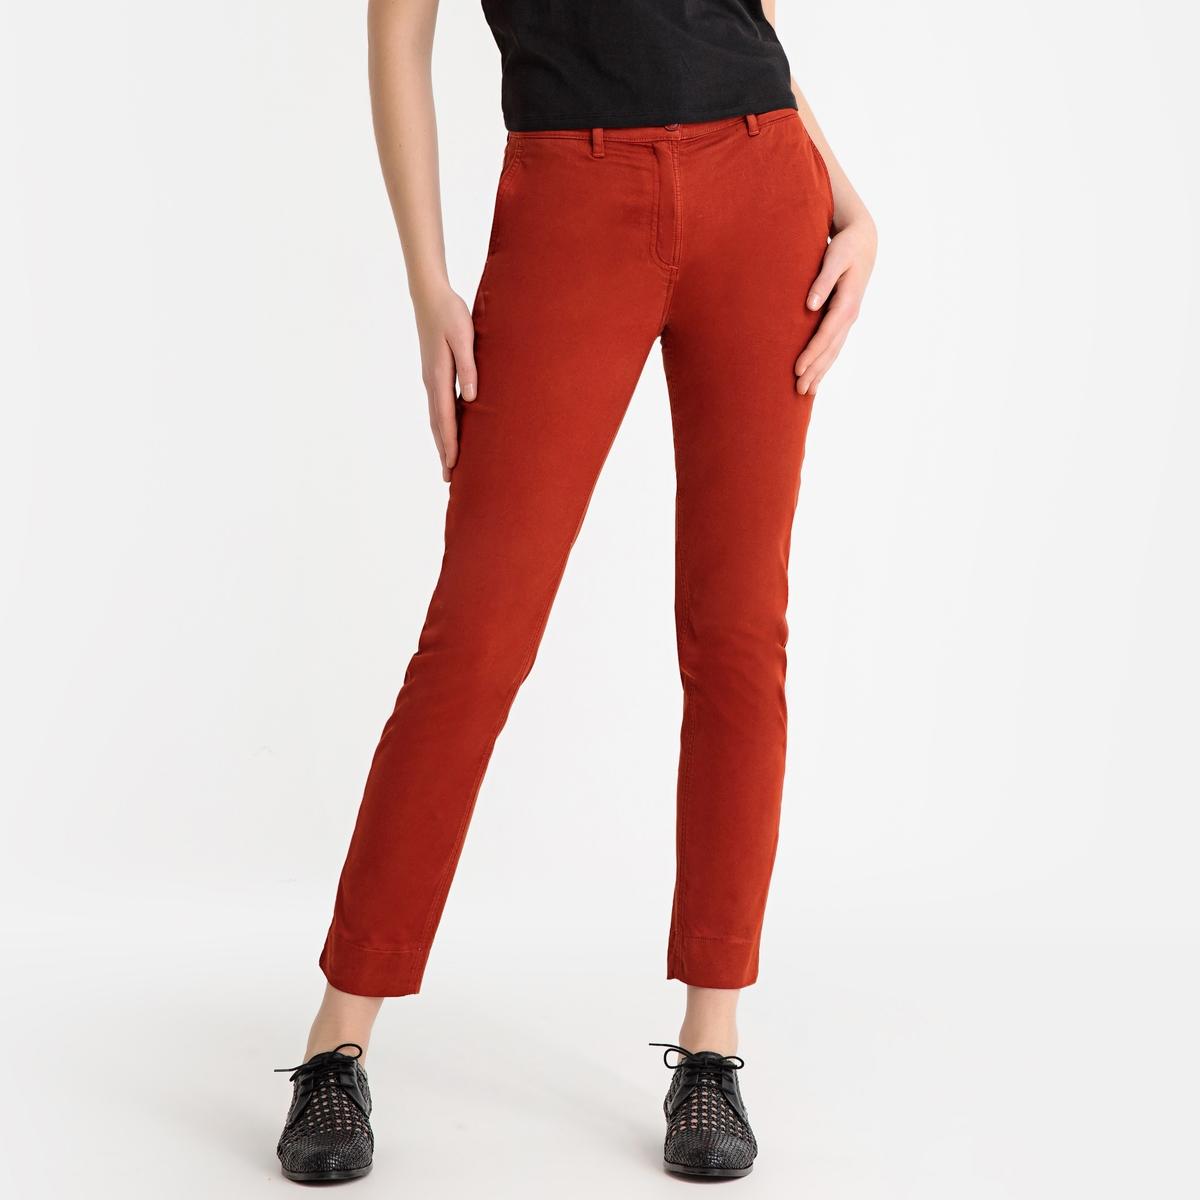 Брюки-чино La Redoute La Redoute 34 (FR) - 40 (RUS) оранжевый брюки чино la redoute la redoute 38 fr 44 rus синий